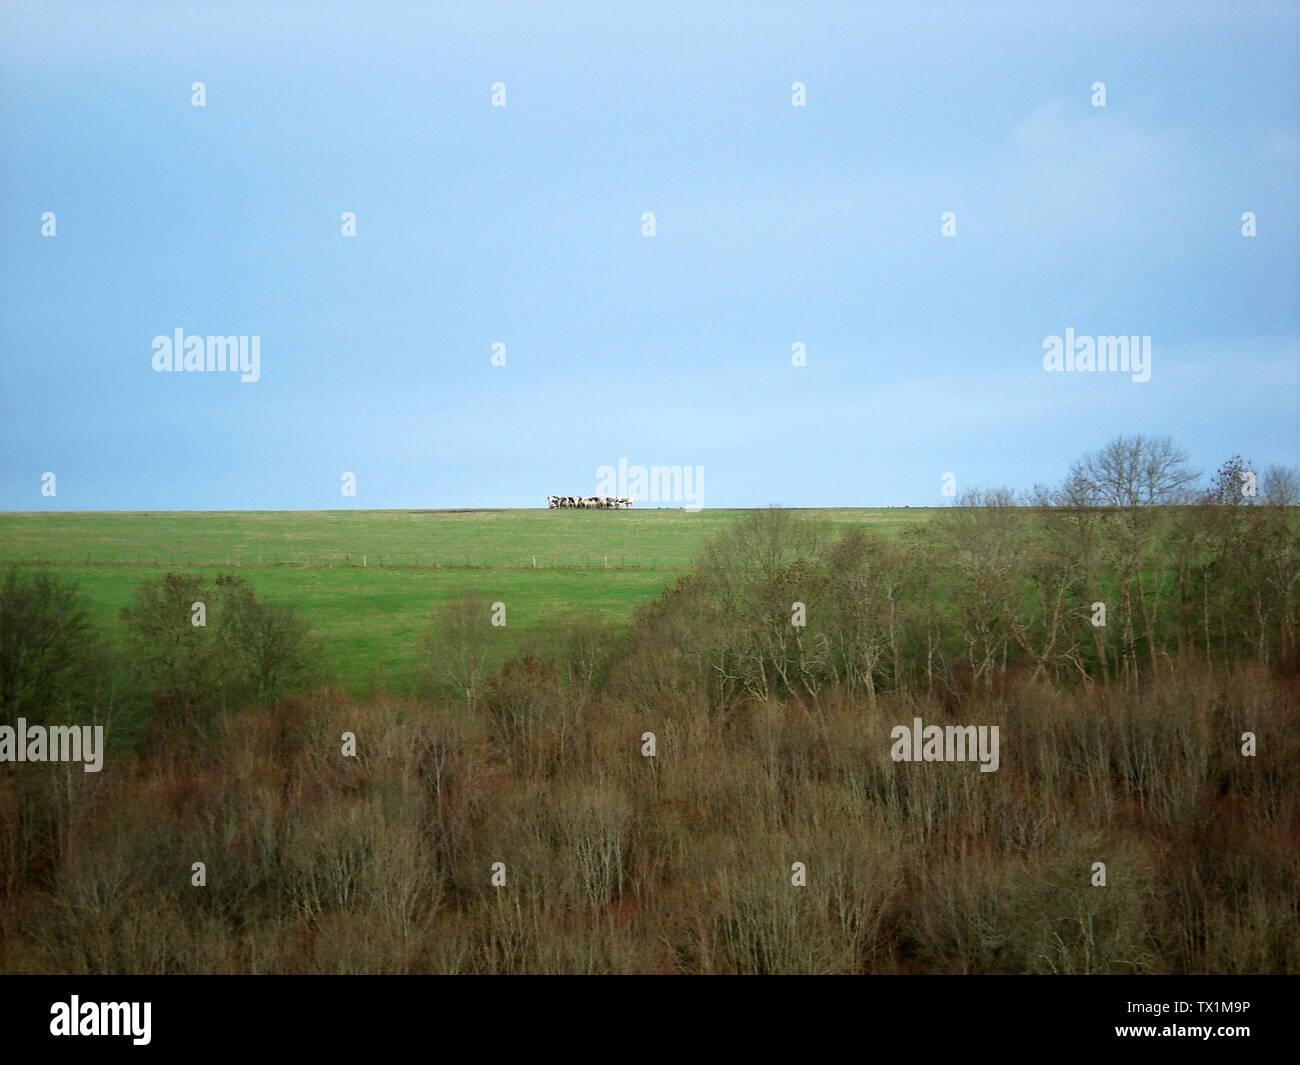 P 87 Stock Photos & P 87 Stock Images - Alamy